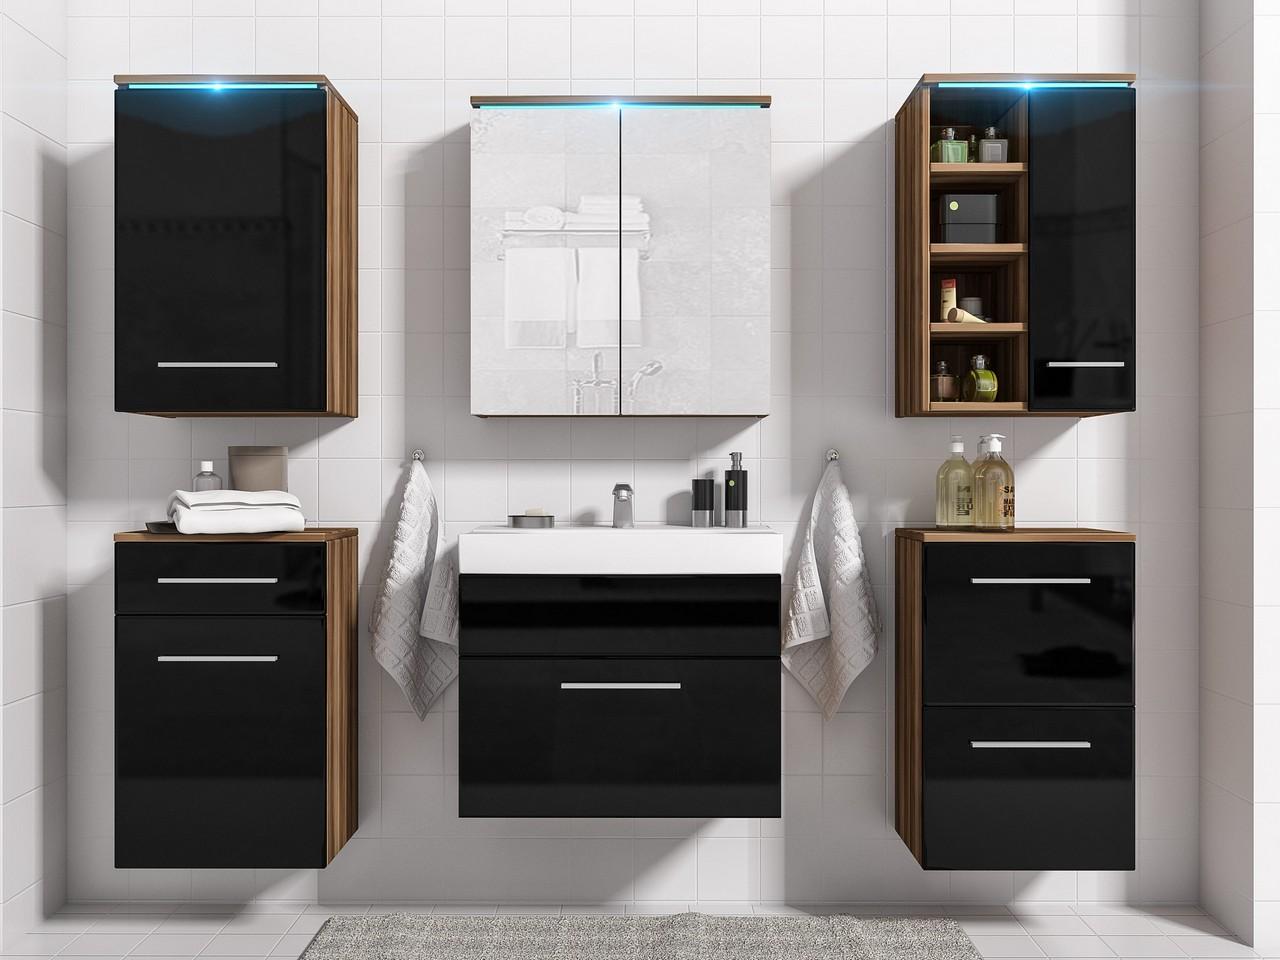 Lacný kúpeľňový nábytok MEGI 11 Slivka / Čierny lesk